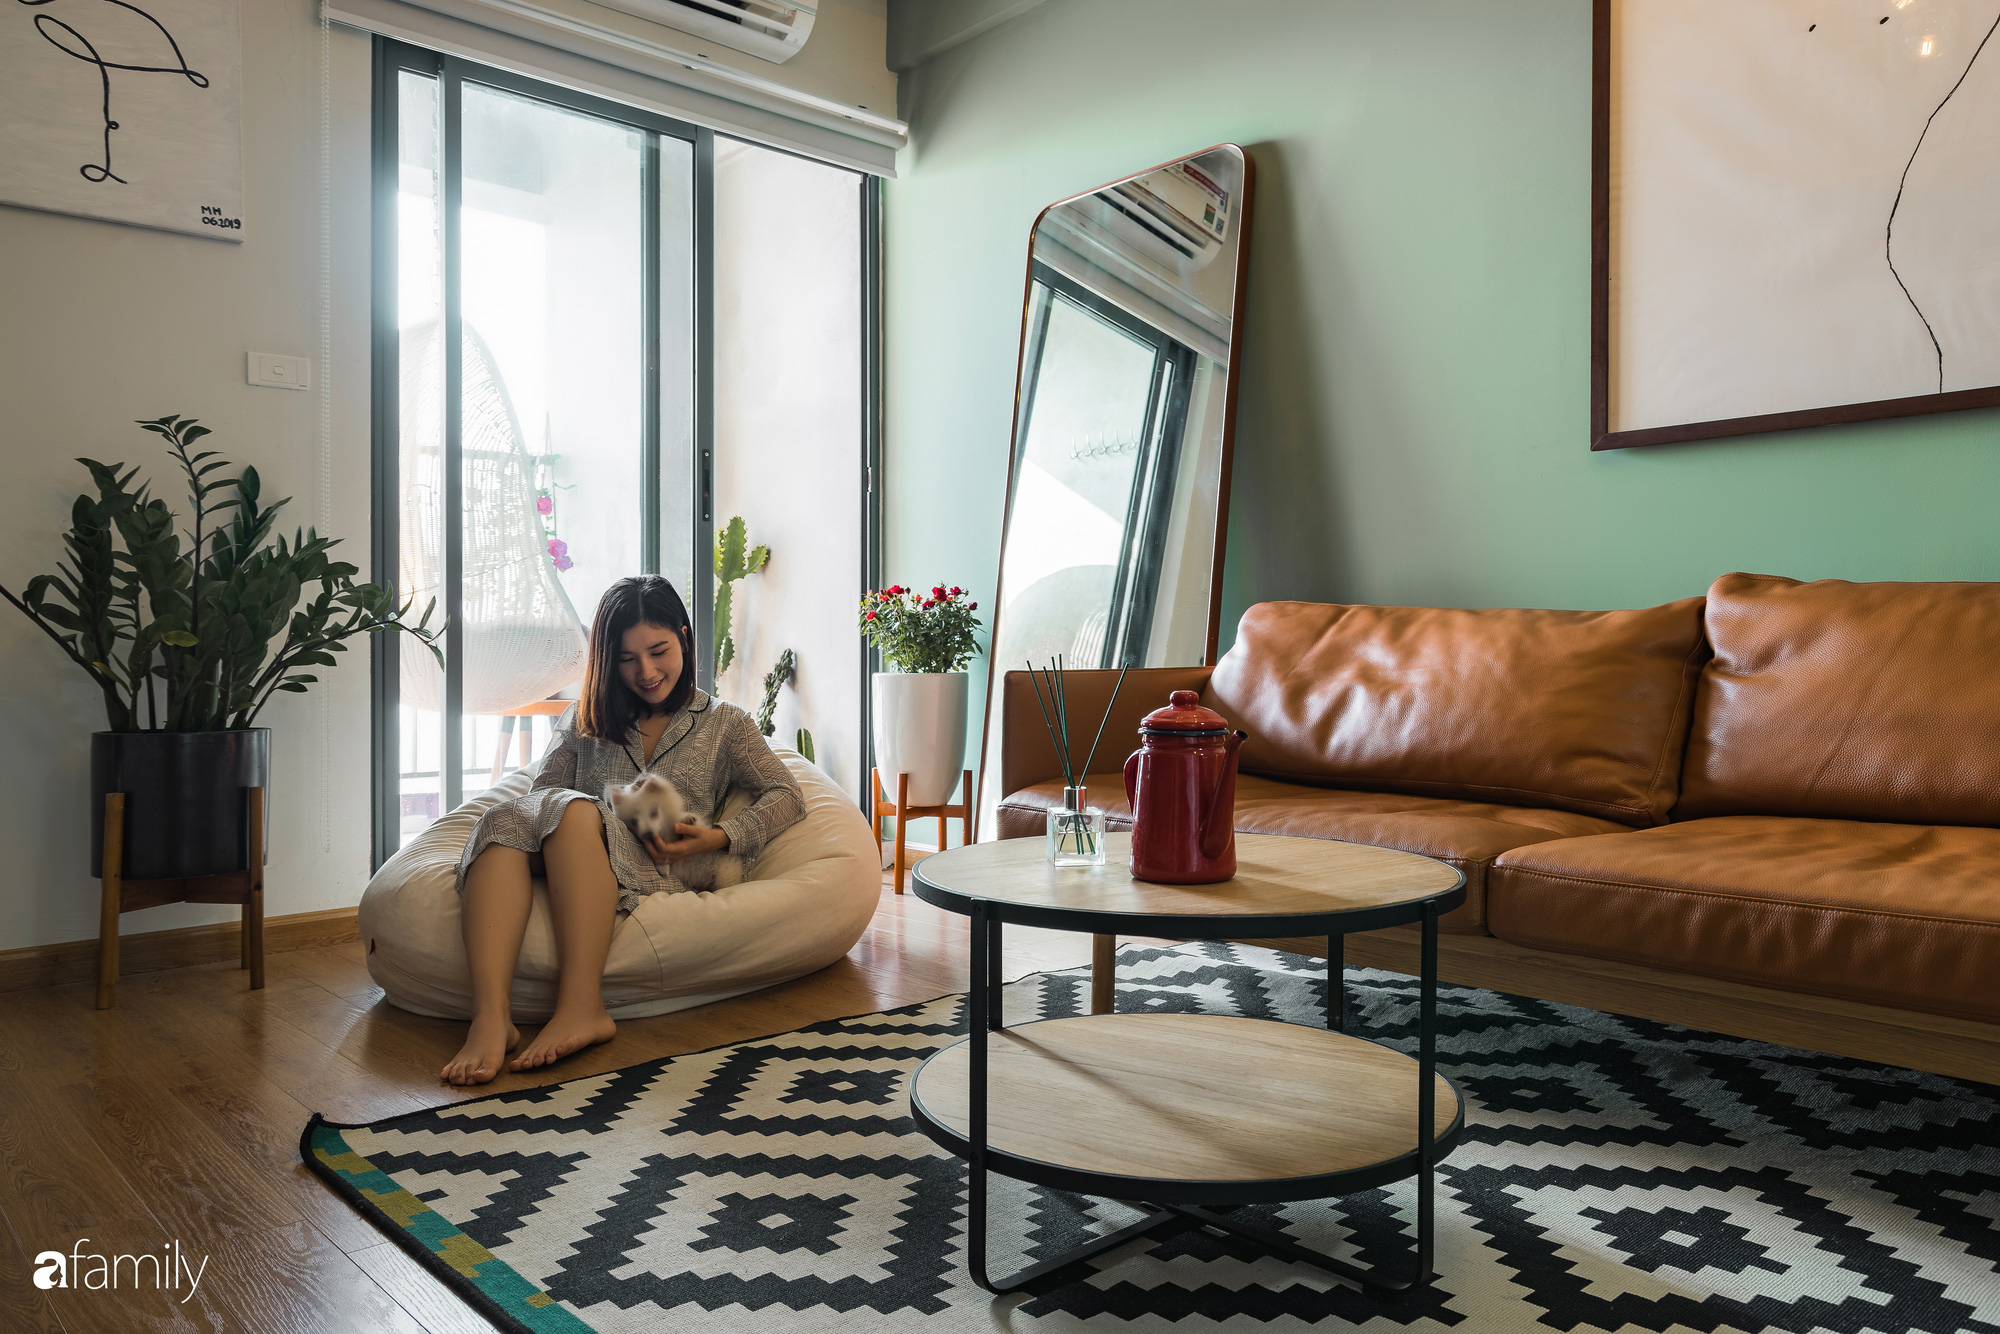 Căn hộ 60m2 với thiết kế tiện nghi, thoải mái cho vợ chồng trẻ cùng thú cưng có chi phí 50 triệu đồng ở Hà Nội - Ảnh 3.